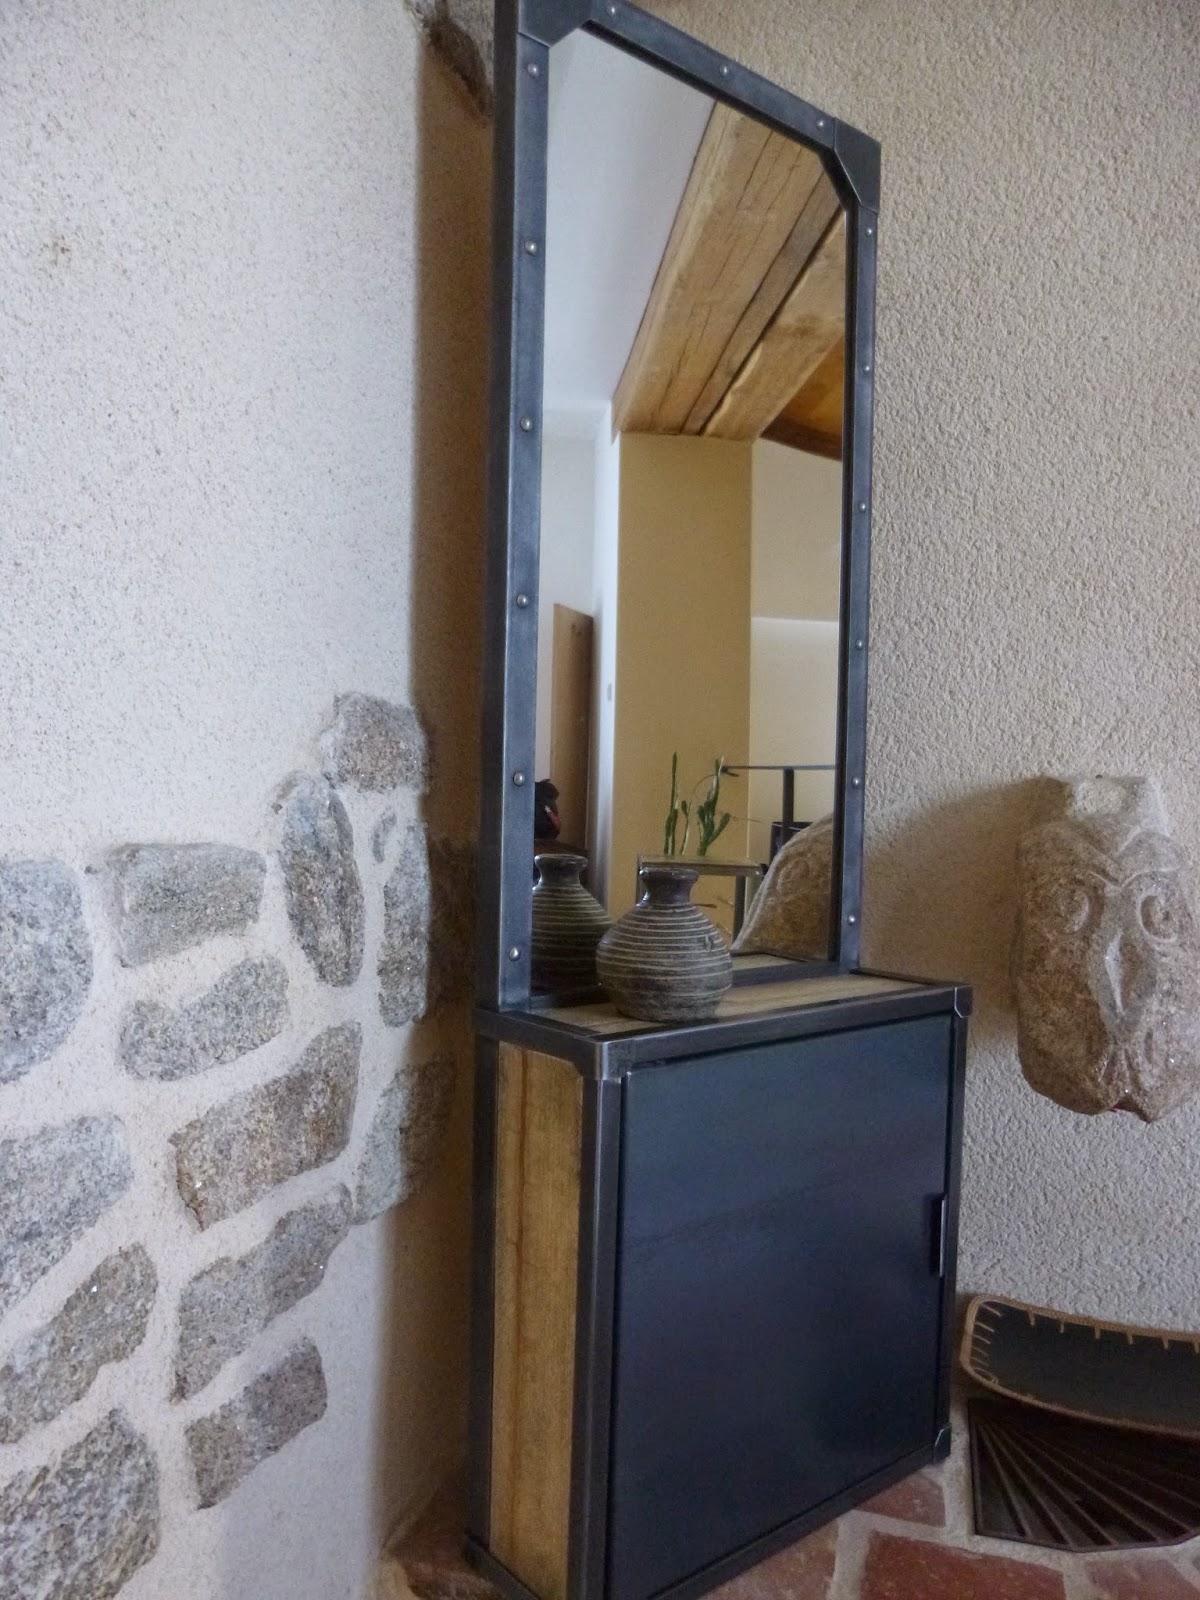 C factory creation petit meuble d 39 entree ou autre - Petit meuble d entree ...